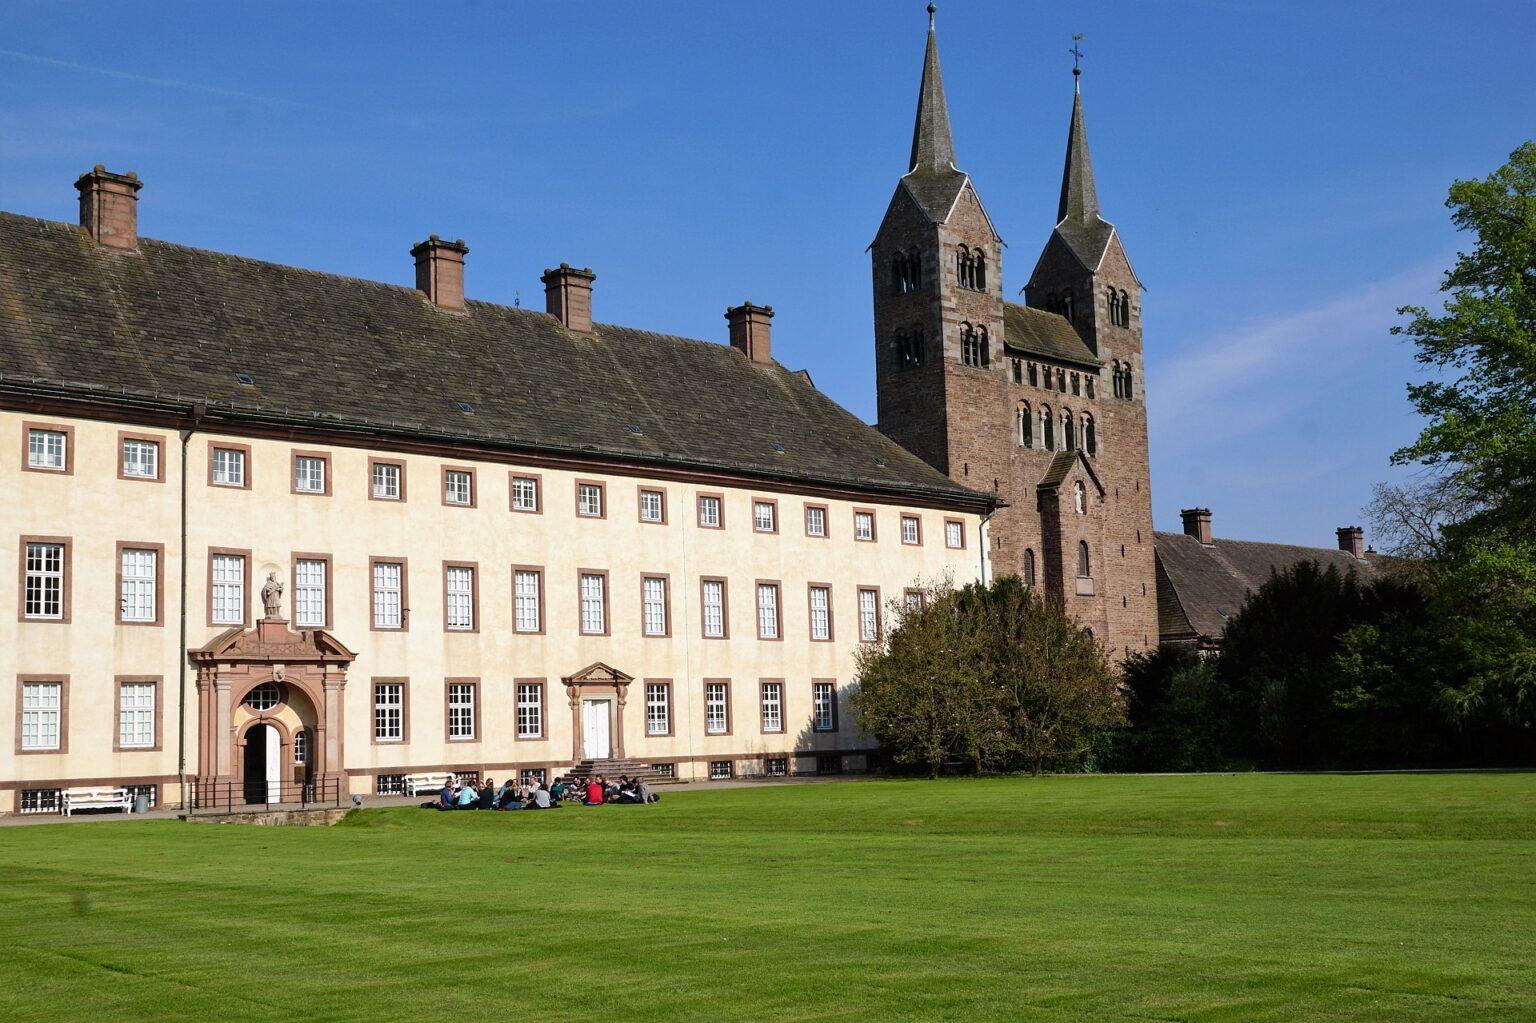 Höxter Sehenswürdigkeiten - Schloss Corvey